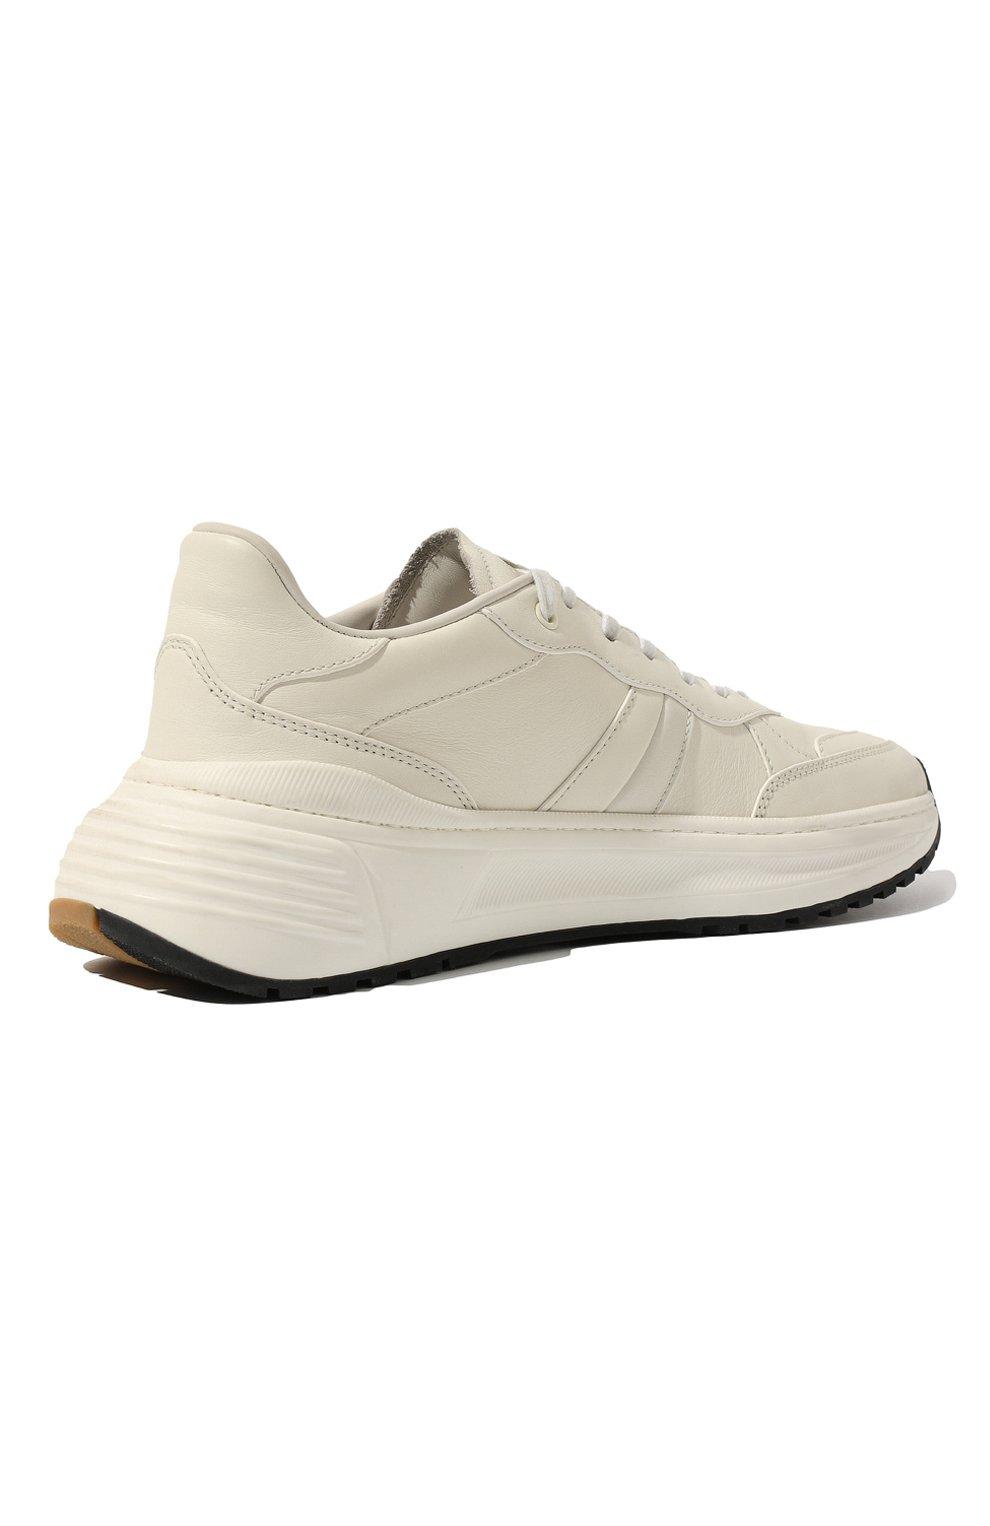 Мужские кожаные кроссовки BOTTEGA VENETA белого цвета, арт. 565646/VT040 | Фото 5